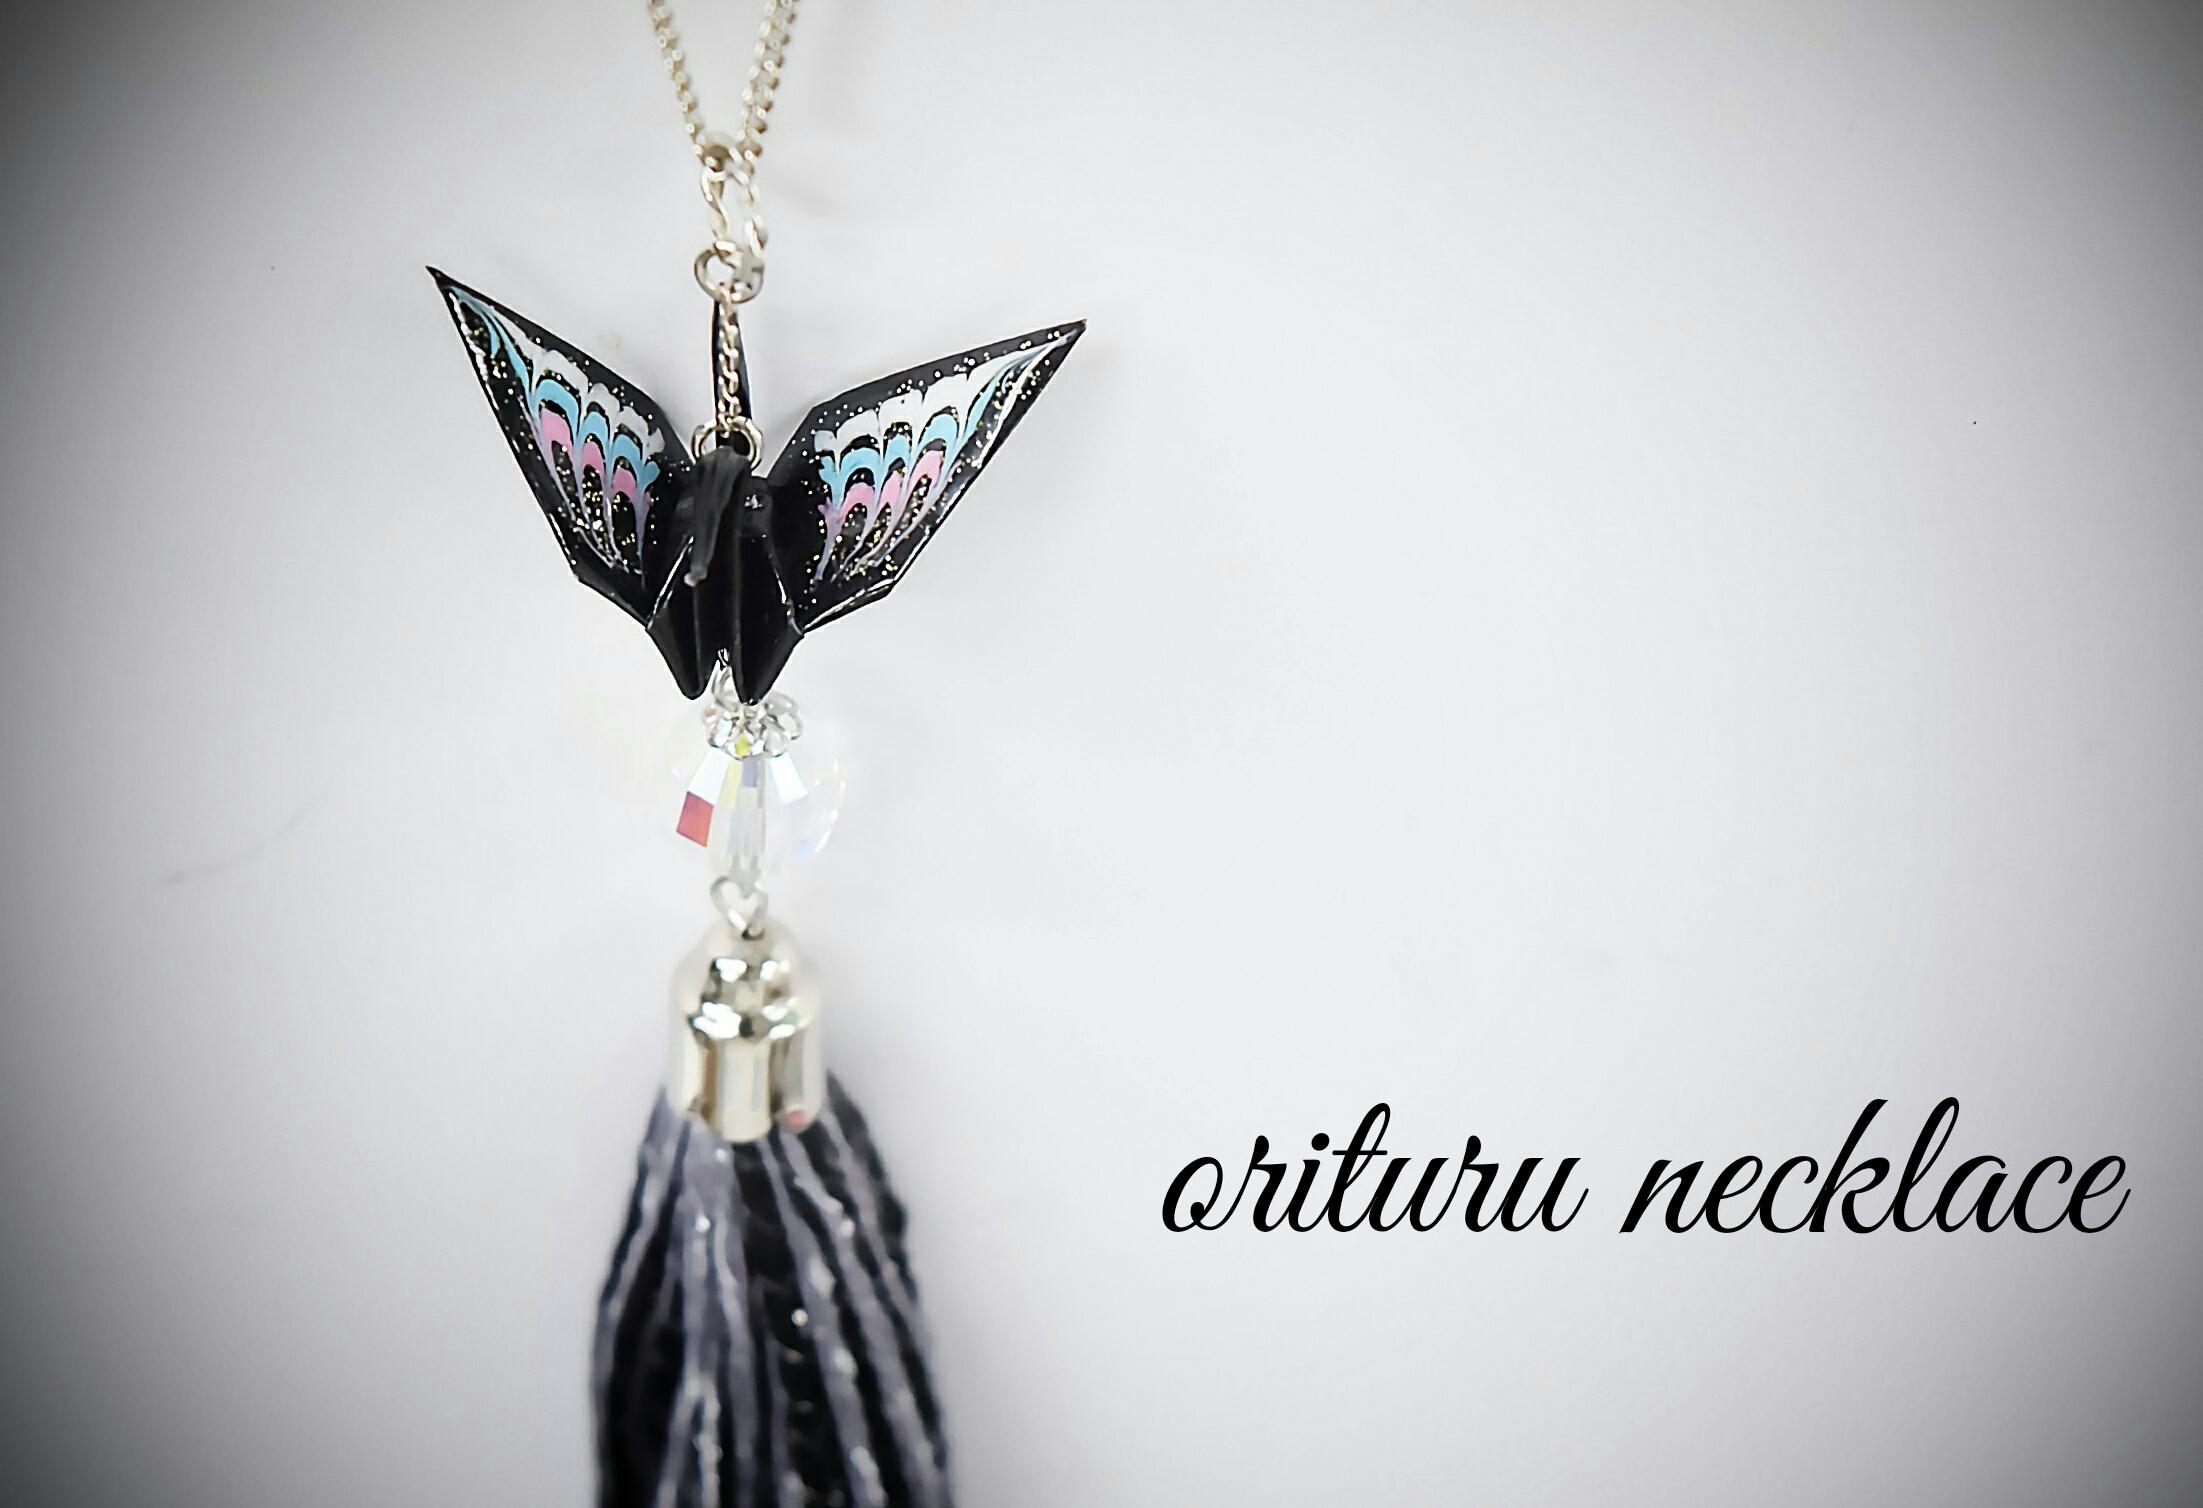 折り鶴の魅力を様々な形で伝えたい。そんな思いから出来たネックレス。